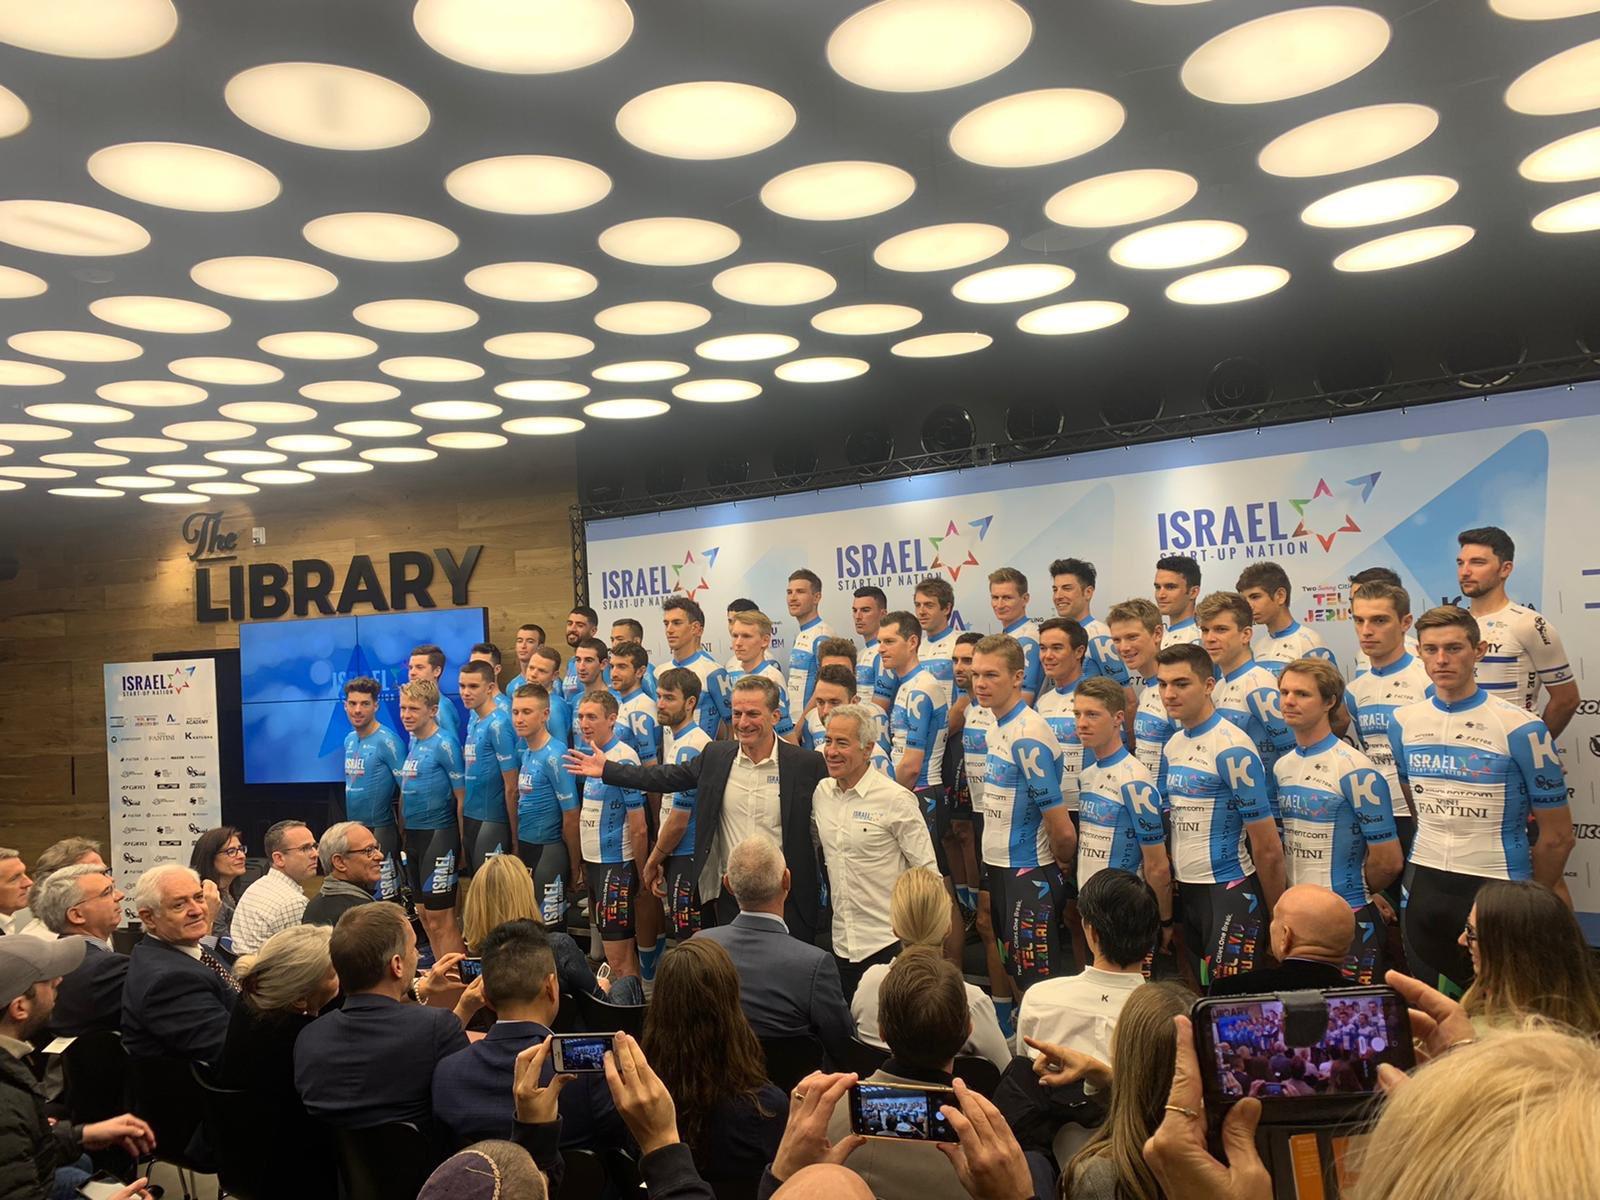 El Israel debutará como equipo World Tour en 2020.